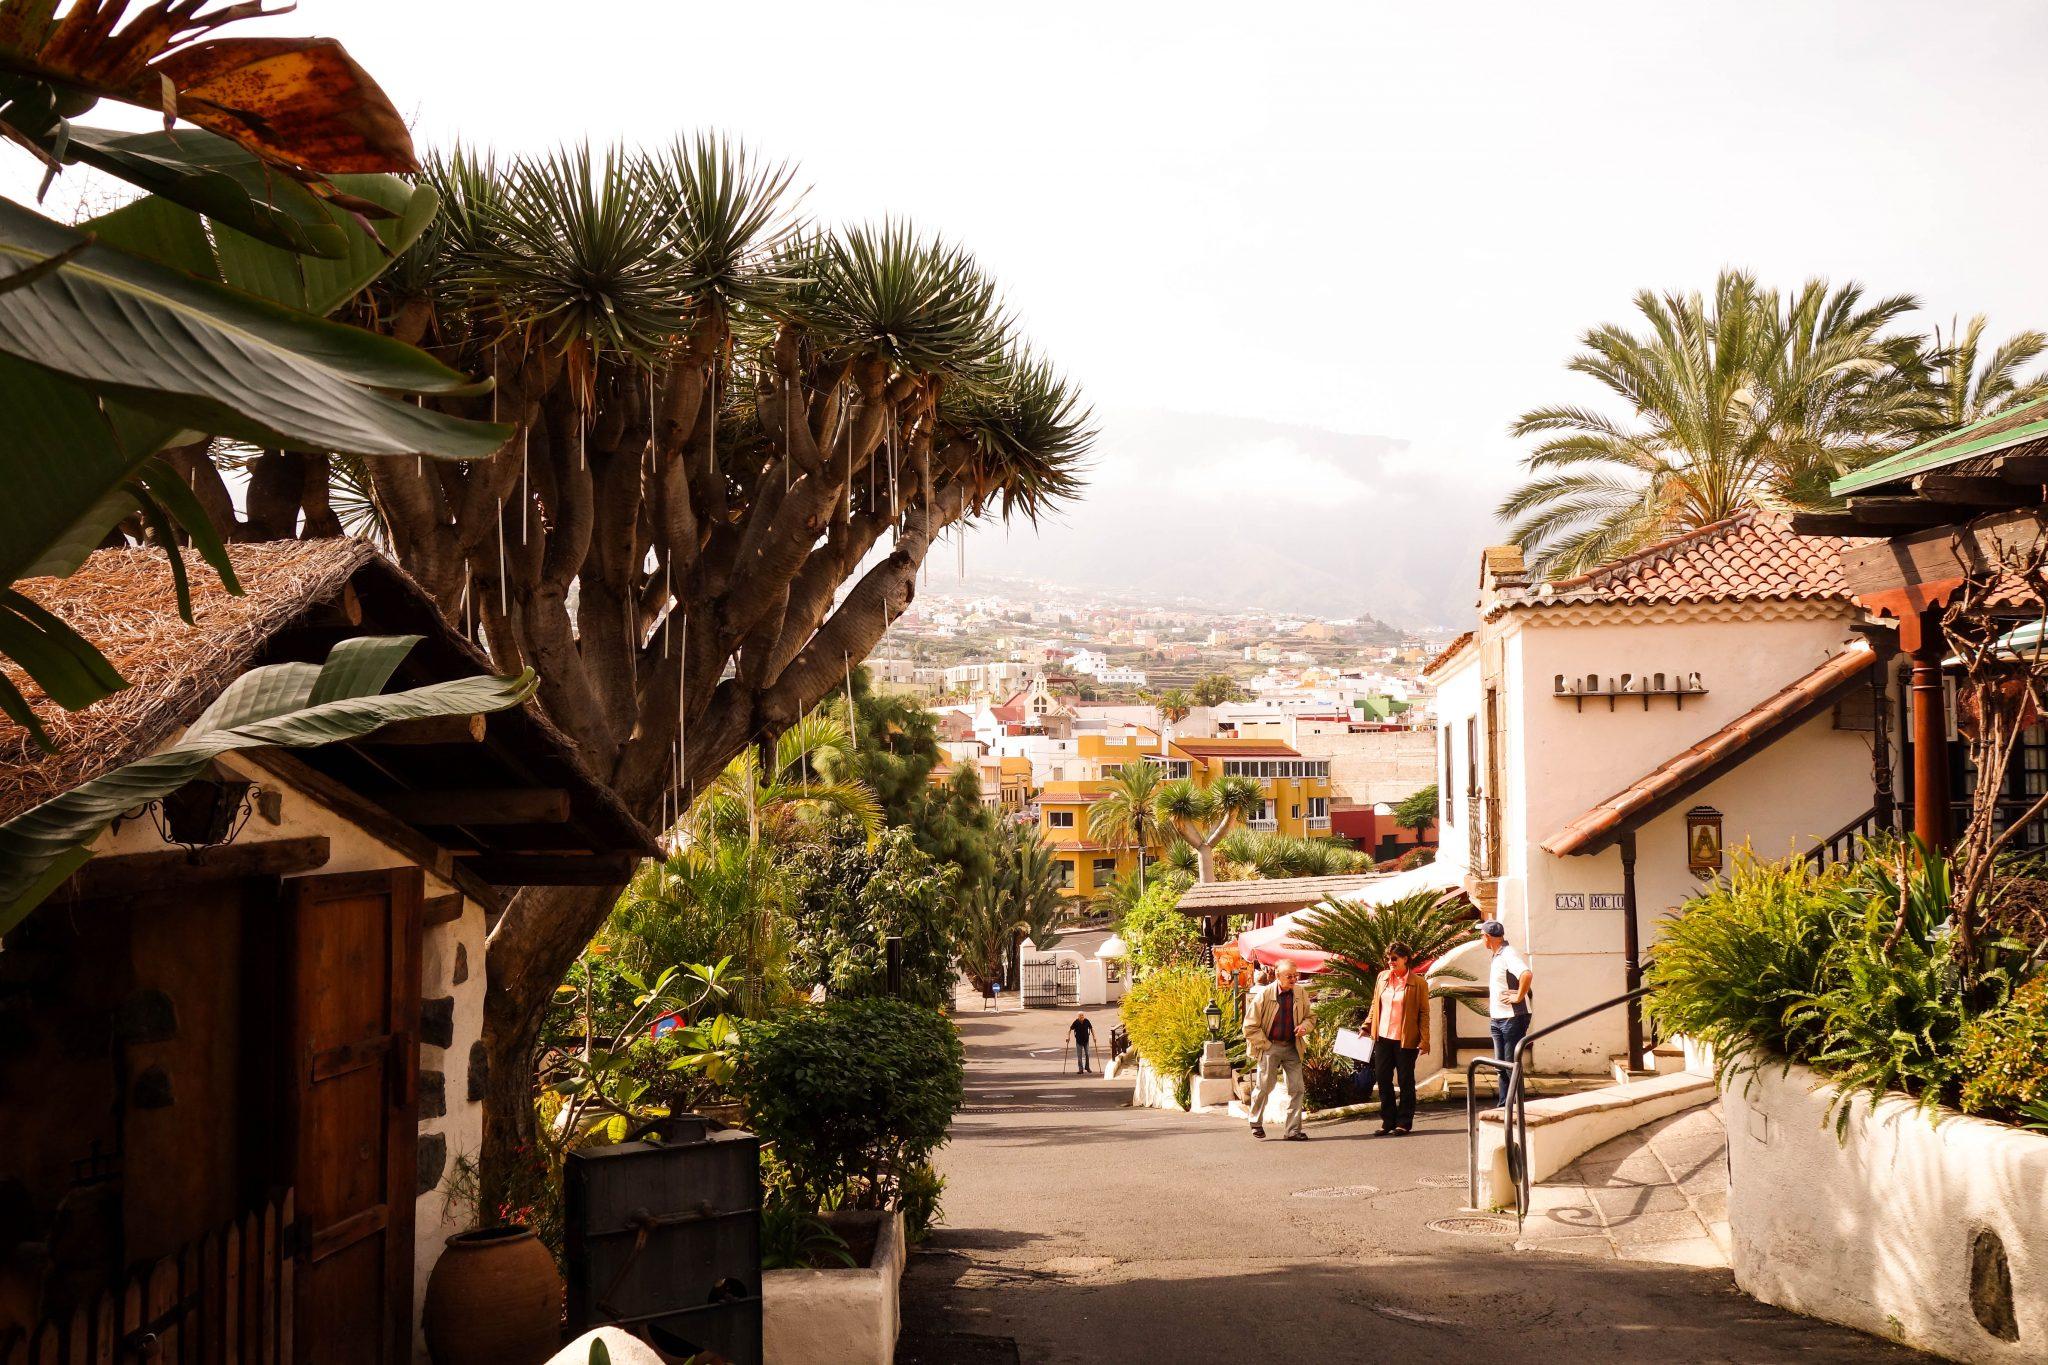 Teneriffa, Puerto de la Cruz, El Monasterio: Auf dem Gelände befinden sich ca. 4 Restaurants und ebenfalls ein kleiner Laden, in welchem man typische kanarische Produkte erwerben kann.